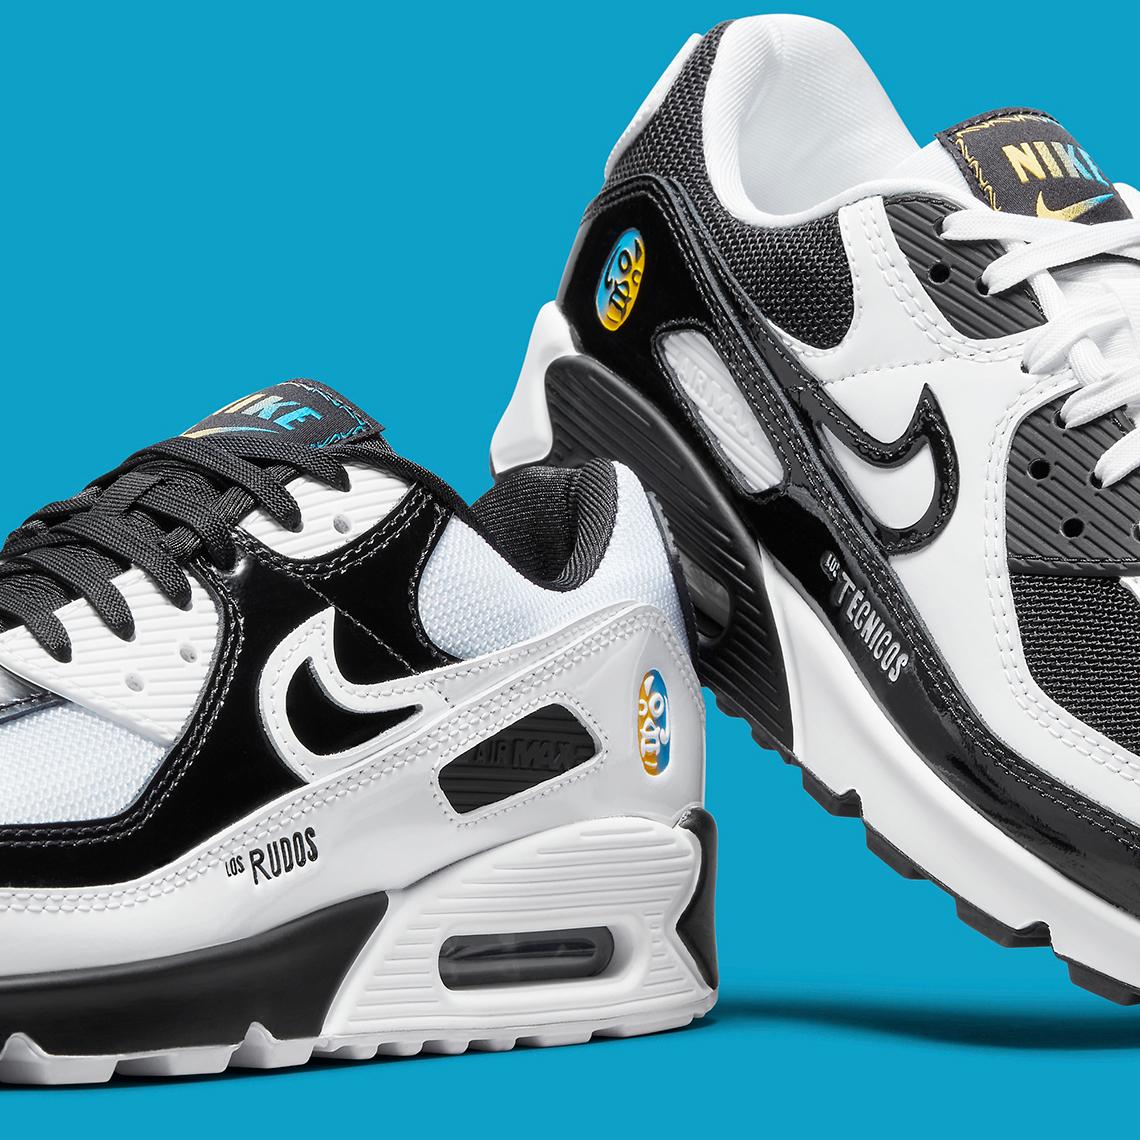 Nike Air Max 90 Lucha Libre DM6178-010   SneakerNews.com